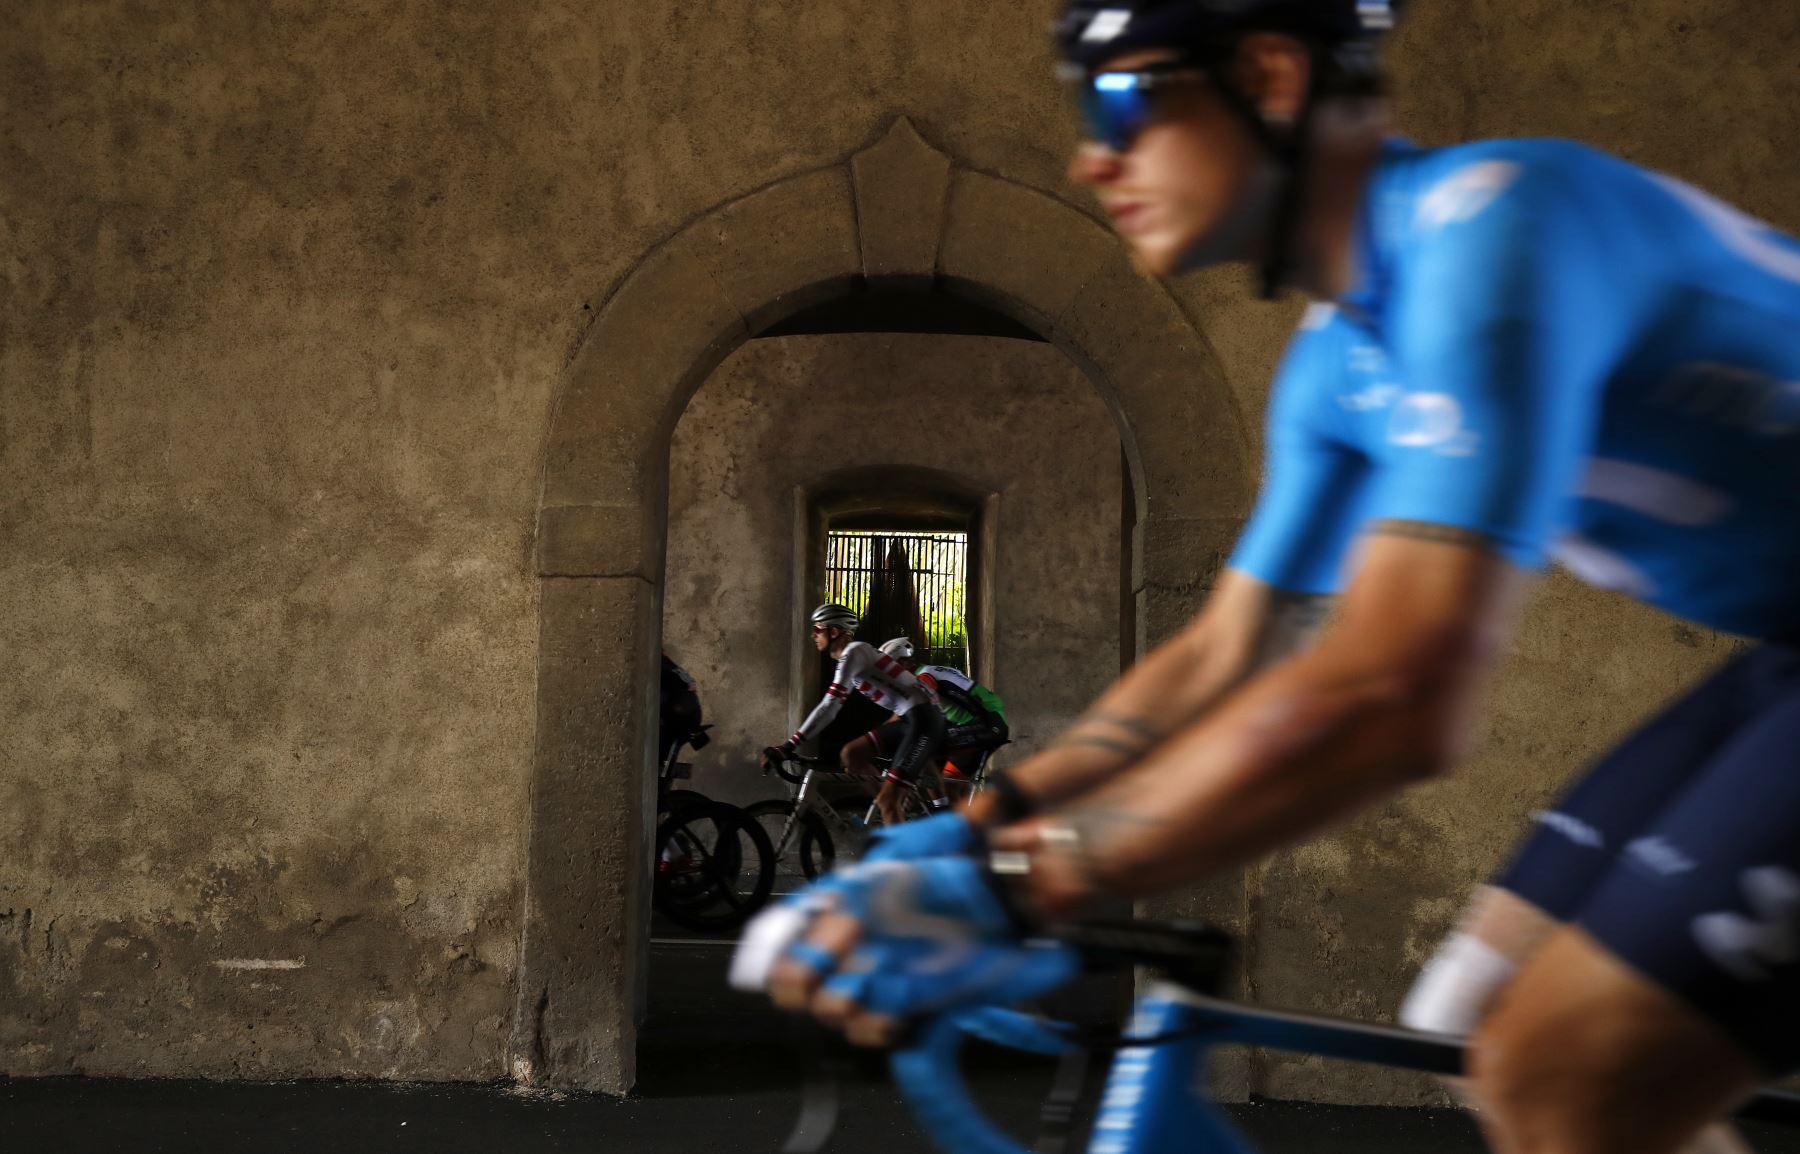 Ciclistas compiten en la cuarta etapa del 102º Giro de Italia - Tour de Italia - carrera de 235 km desde Orbetello hasta Frascati. Foto: AFP